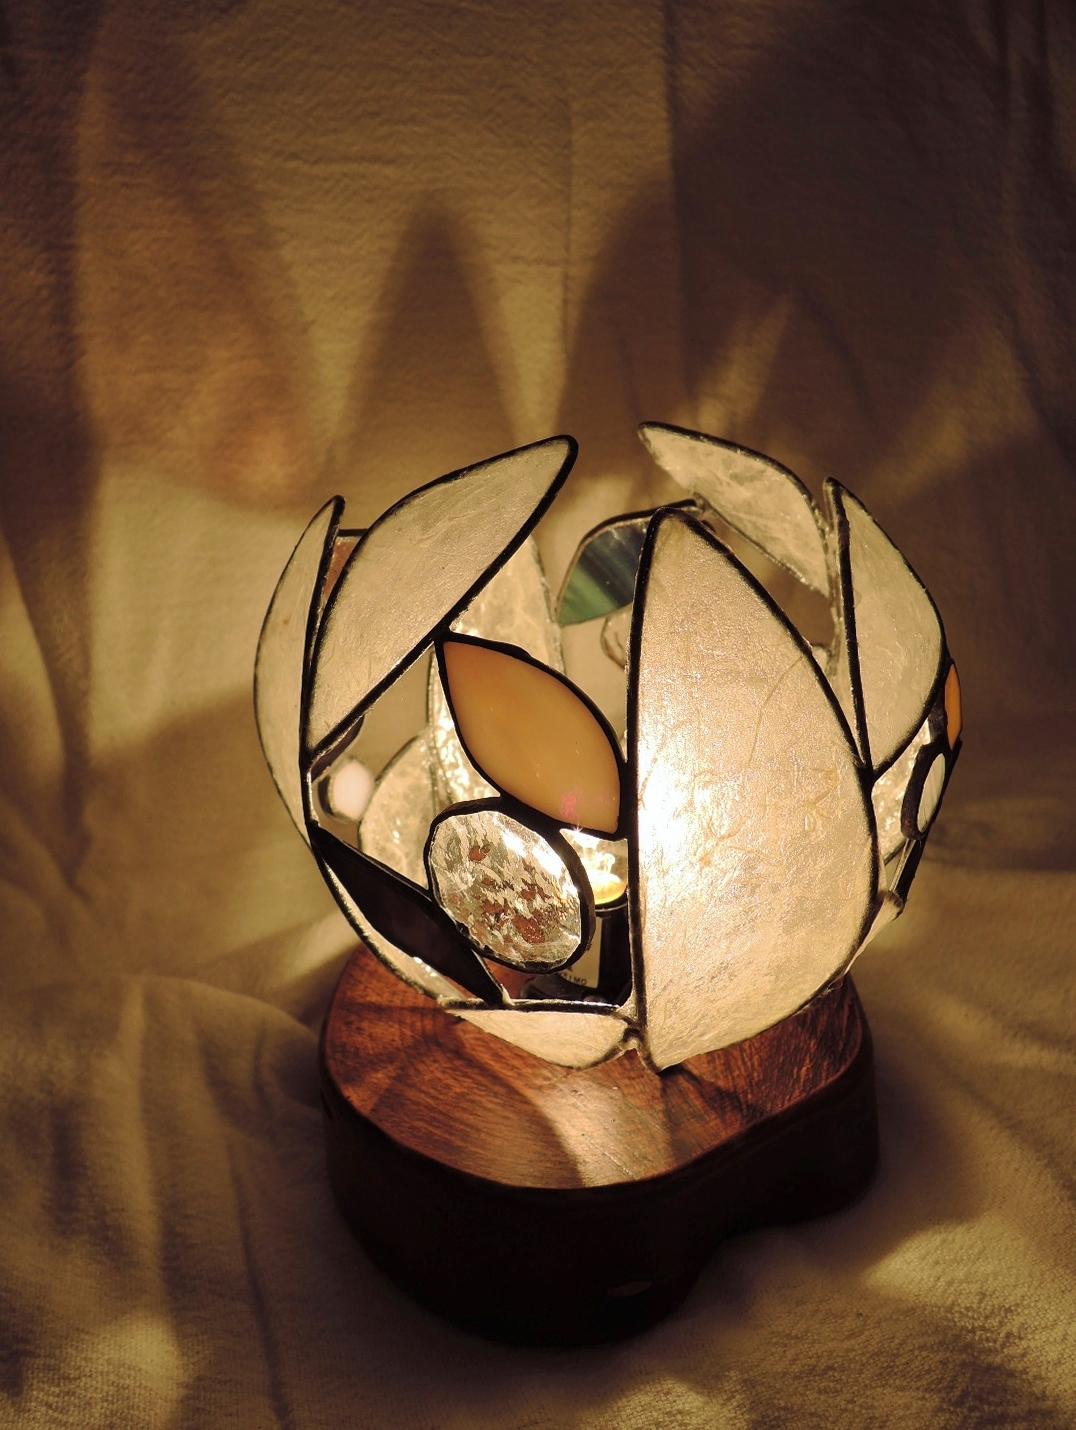 353(テーブル)W14xD14xH16(cm) 素材・木・ガラス・和紙